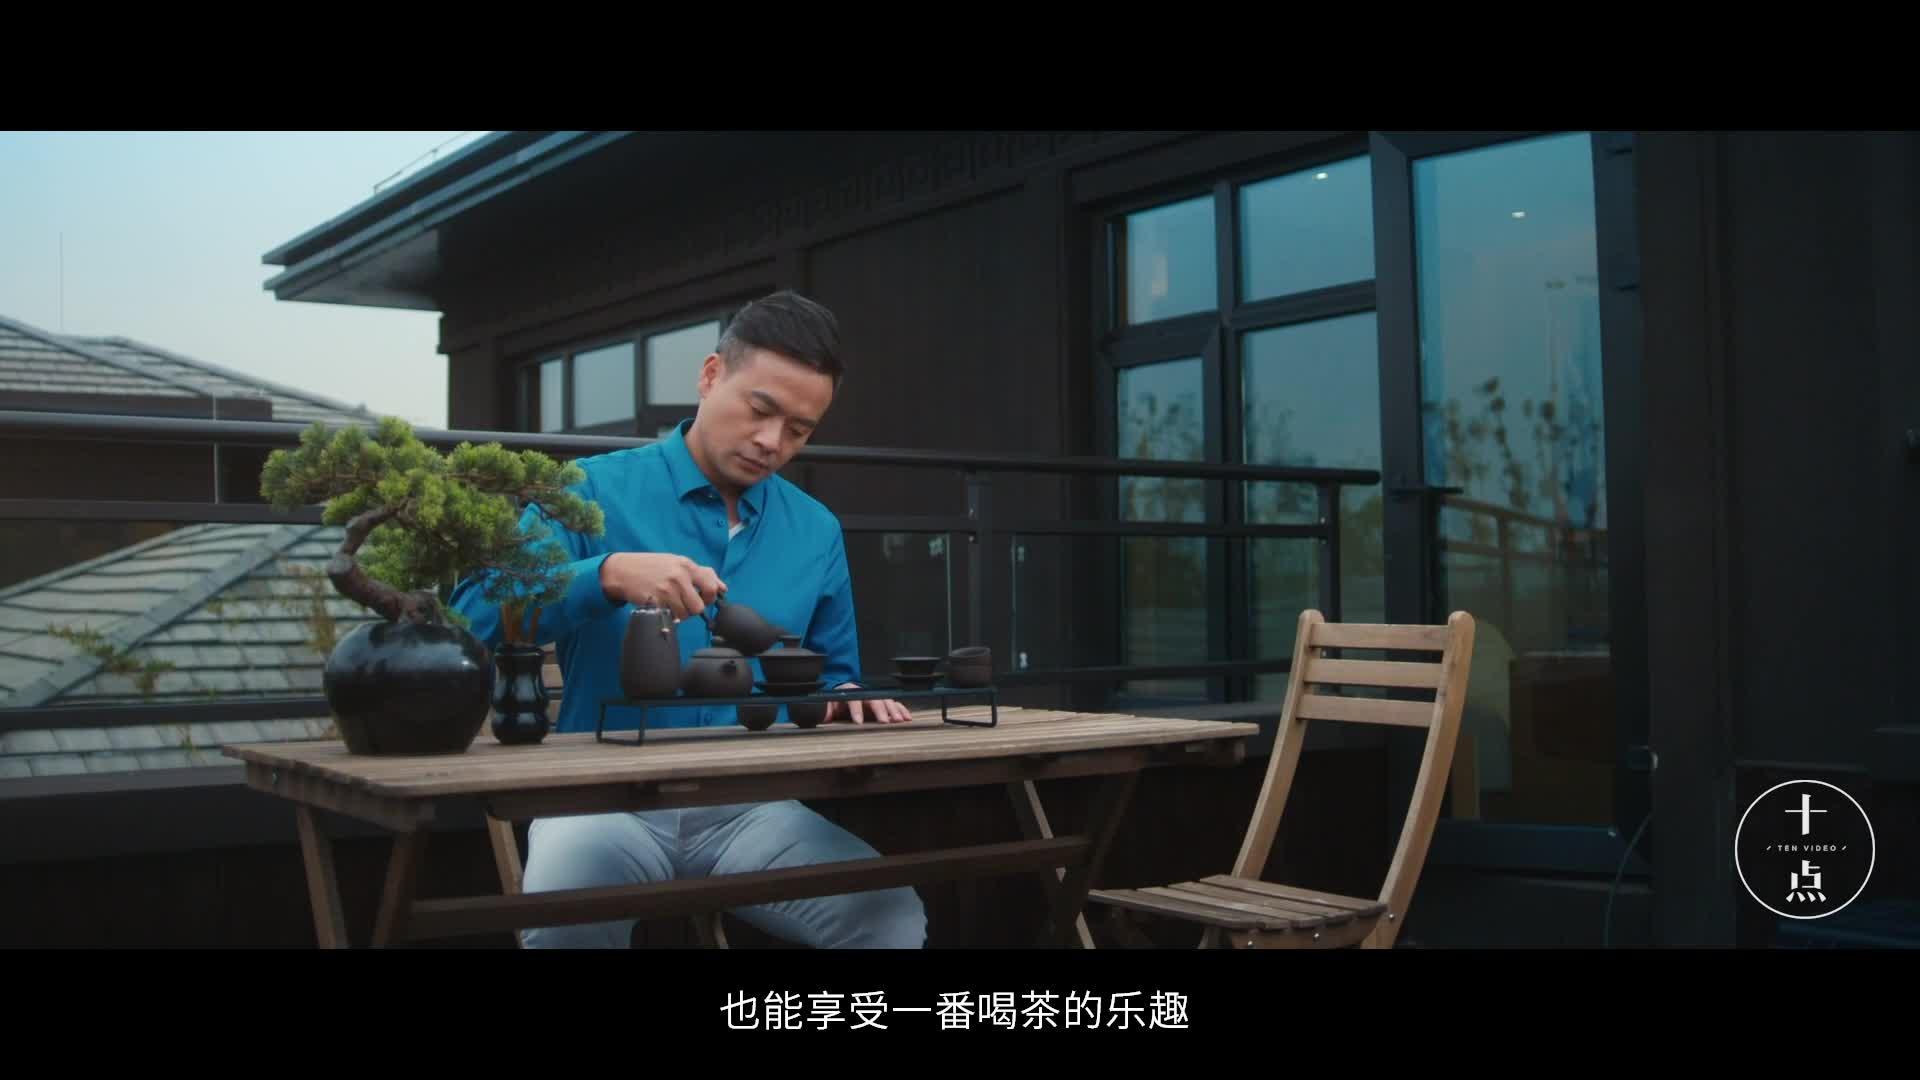 林述巍:会做饭的人,日子过得都很有趣